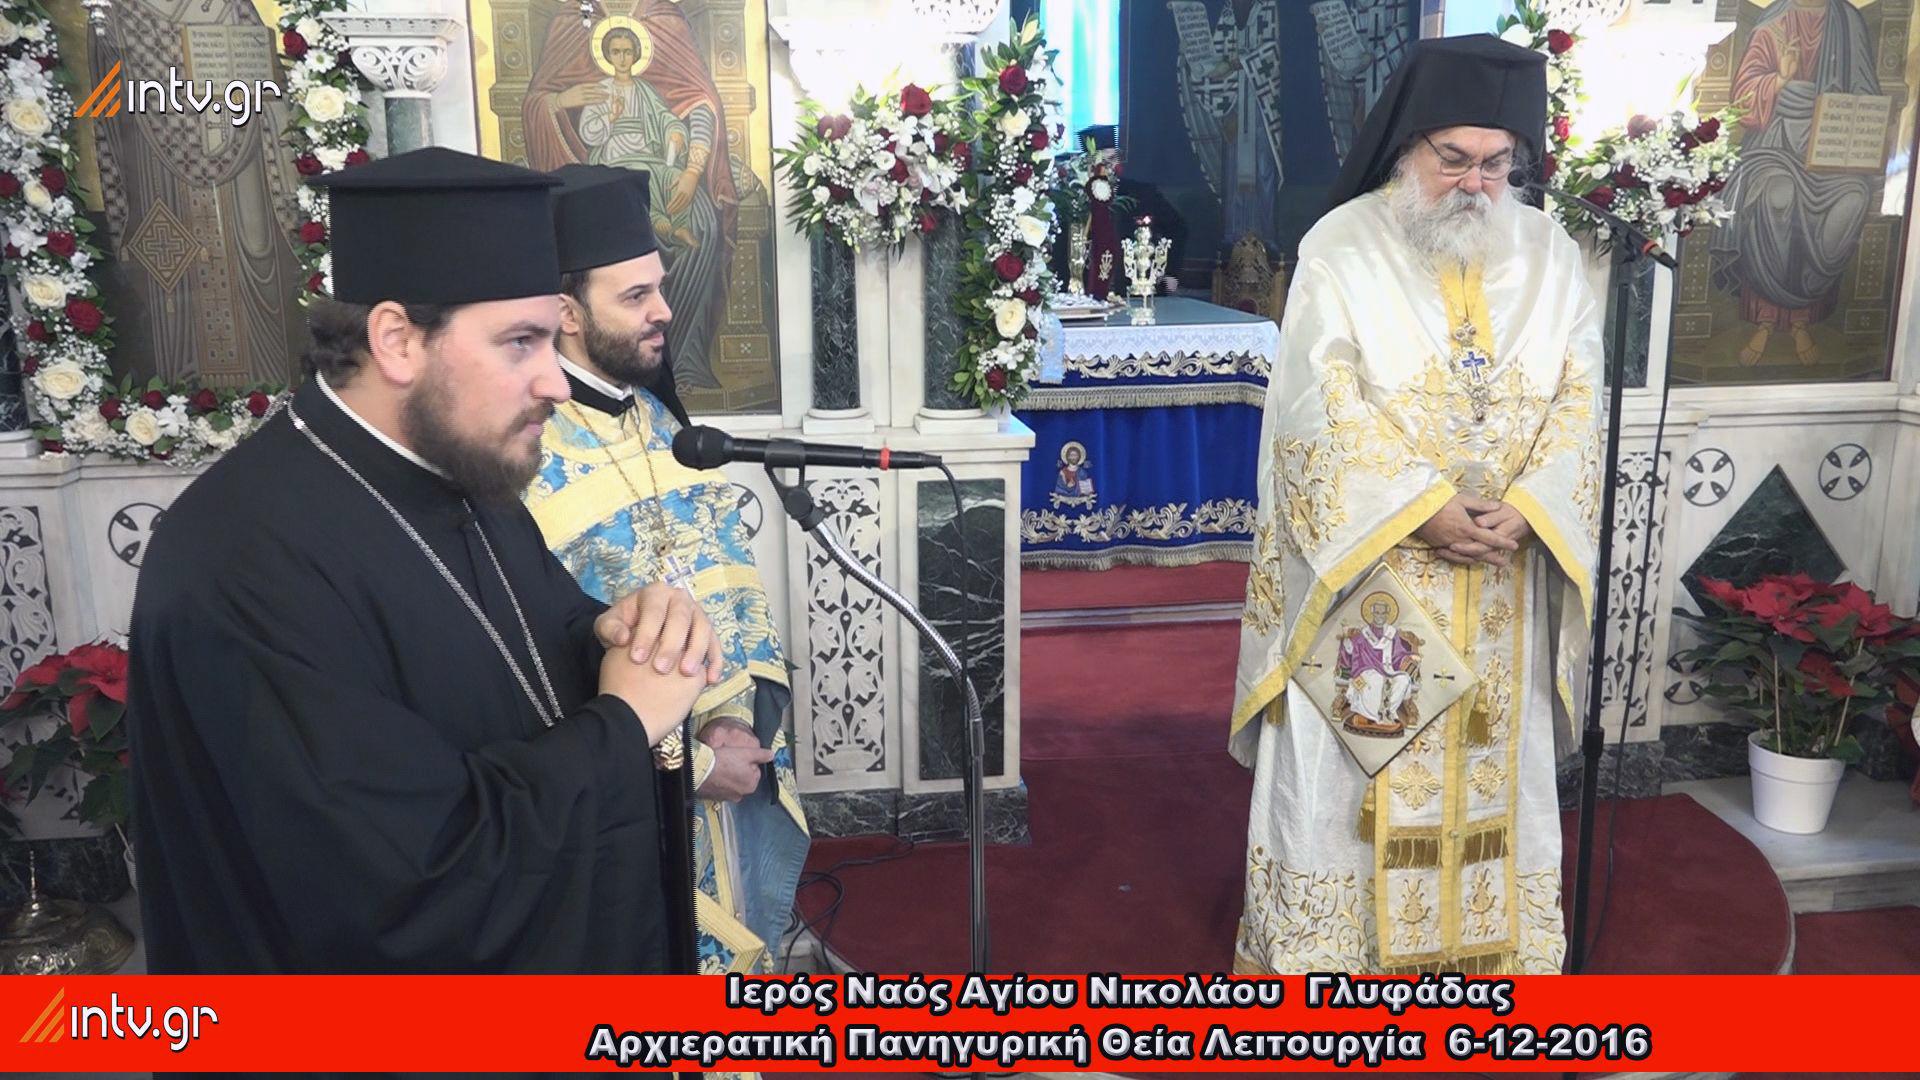 Ιερός Ναός Αγίου Νικολάου  Γλυφάδας - Αρχιερατική Πανηγυρική Θεία Λειτουργία